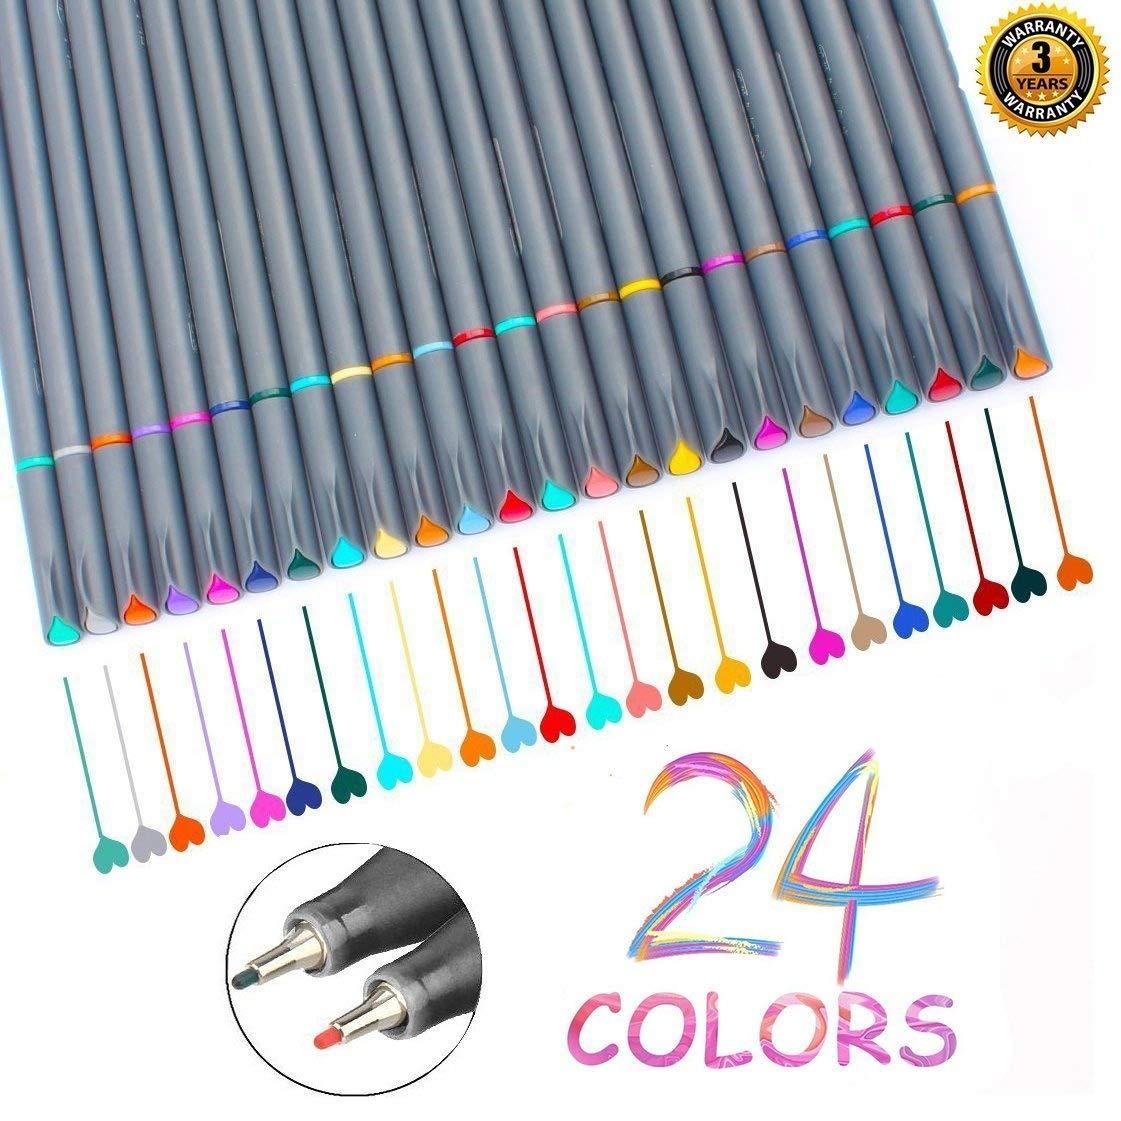 Fineliner Pens, Vonart Fineliner Color Pens 24 Art Pens for Drawing Fine Tip Colored Writing Pens Fine Line Point Marker Pens for Bullet Journal Planner Note Calendar Coloring Art Projects fineliner color art pens